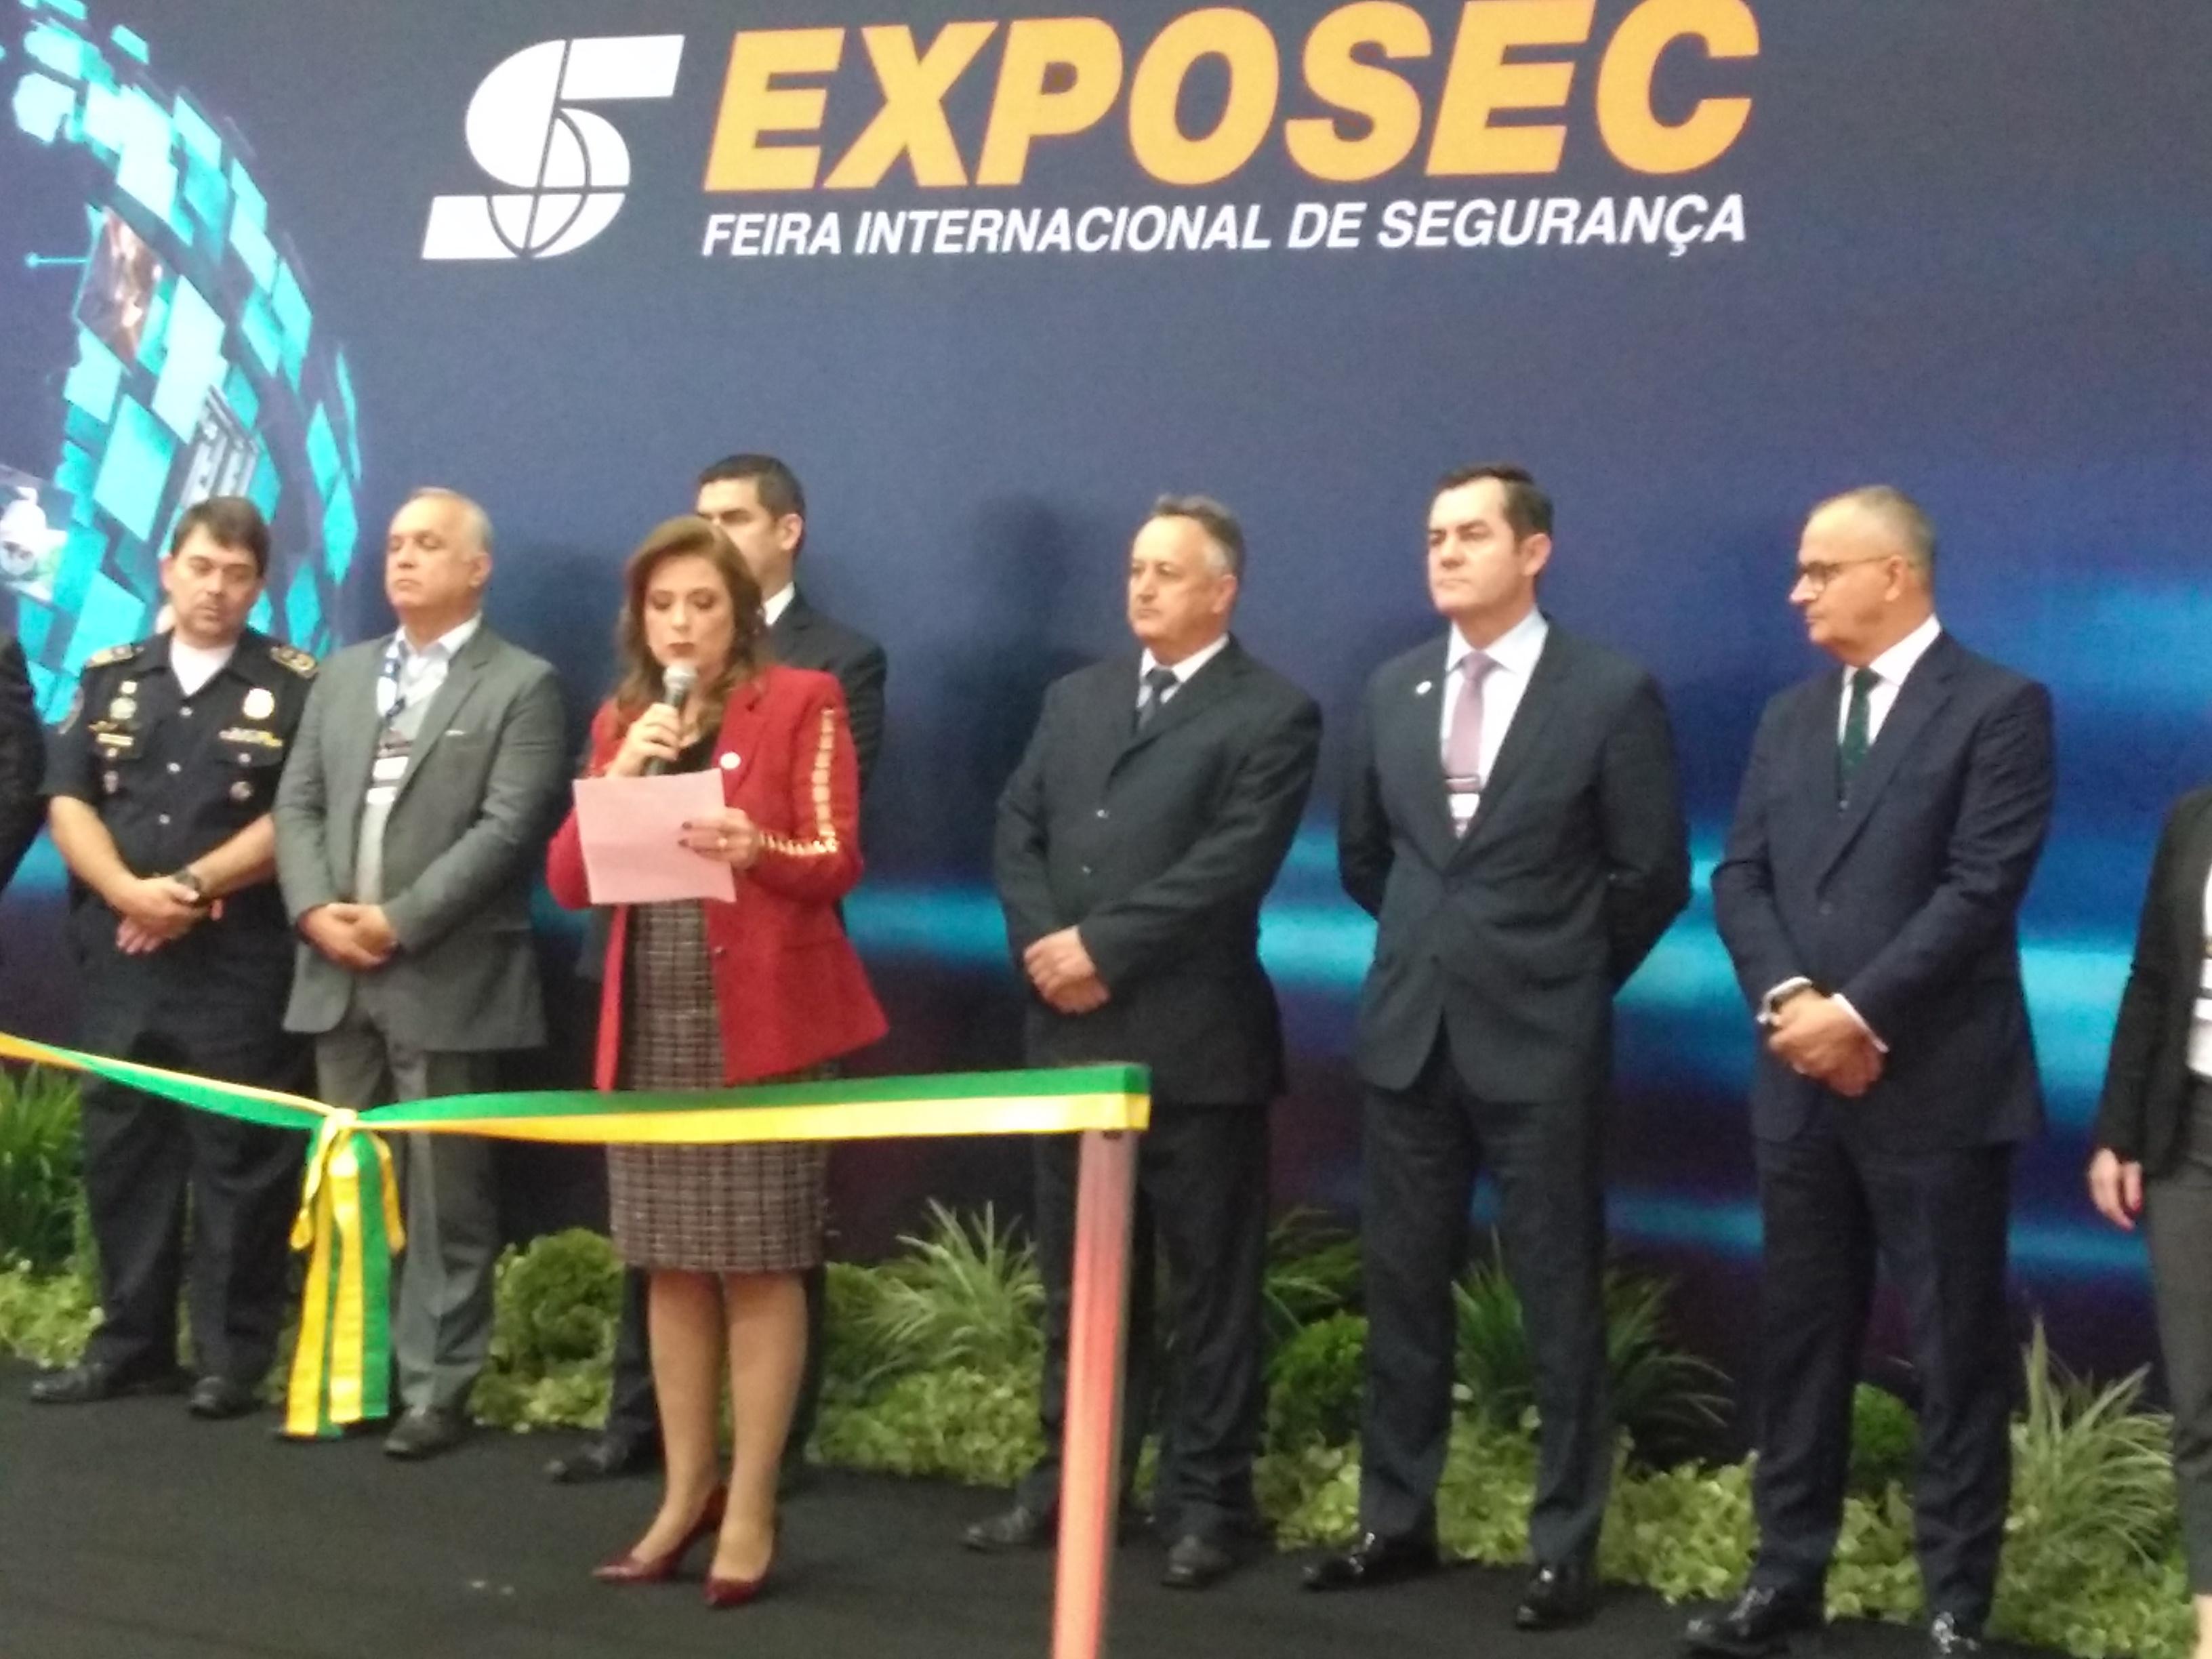 EXPOSEC 2018 APRESENTA O FUTURO DA SEGURANÇA ELETRÔNICA